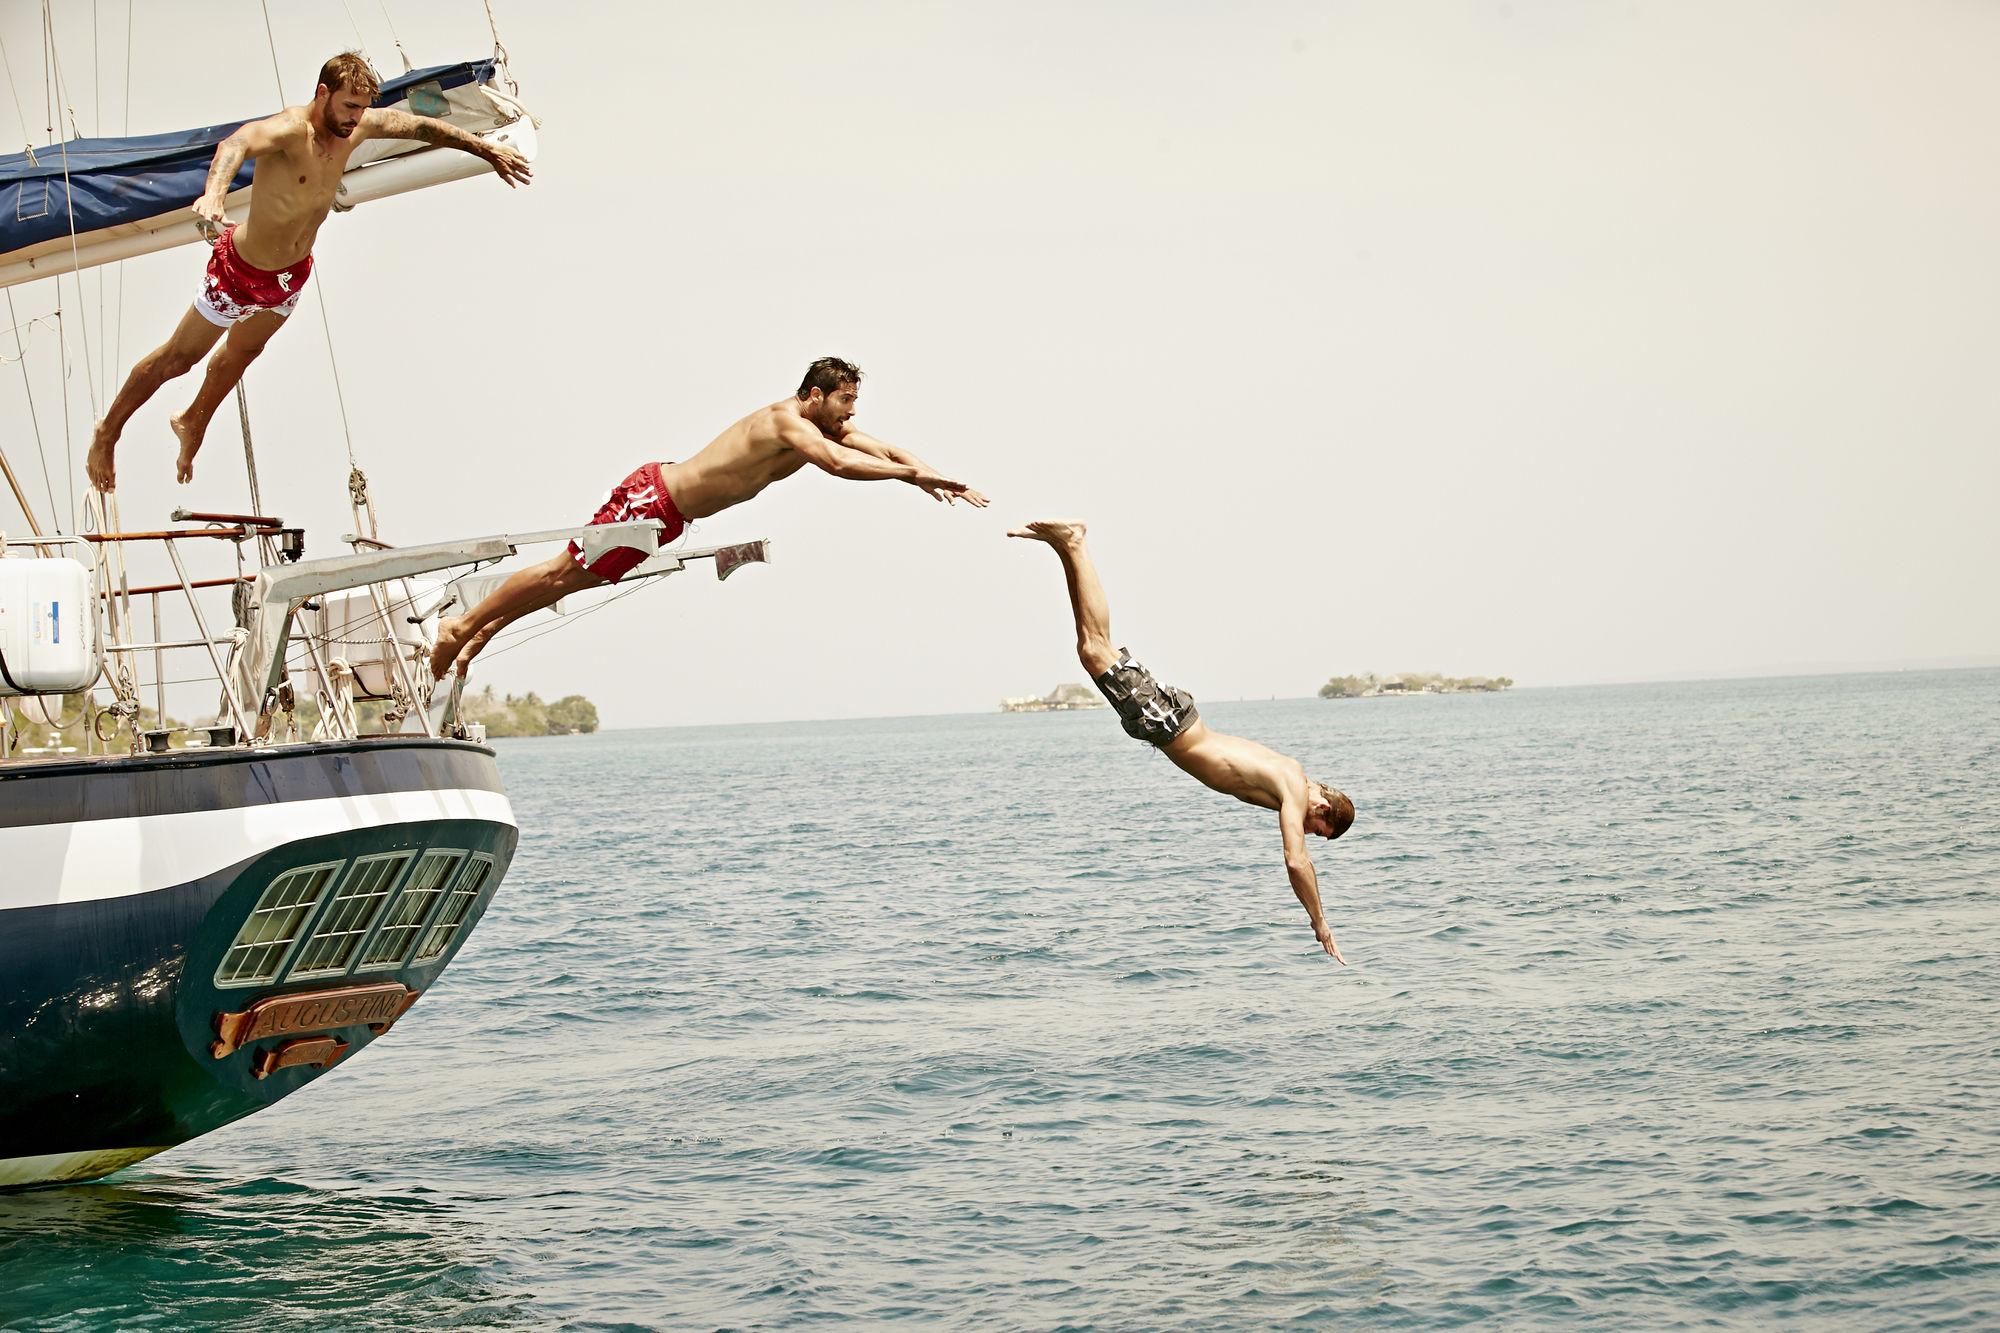 7 SEAS PRODUCTIONS: Bonprix in Cartagena, Colombia